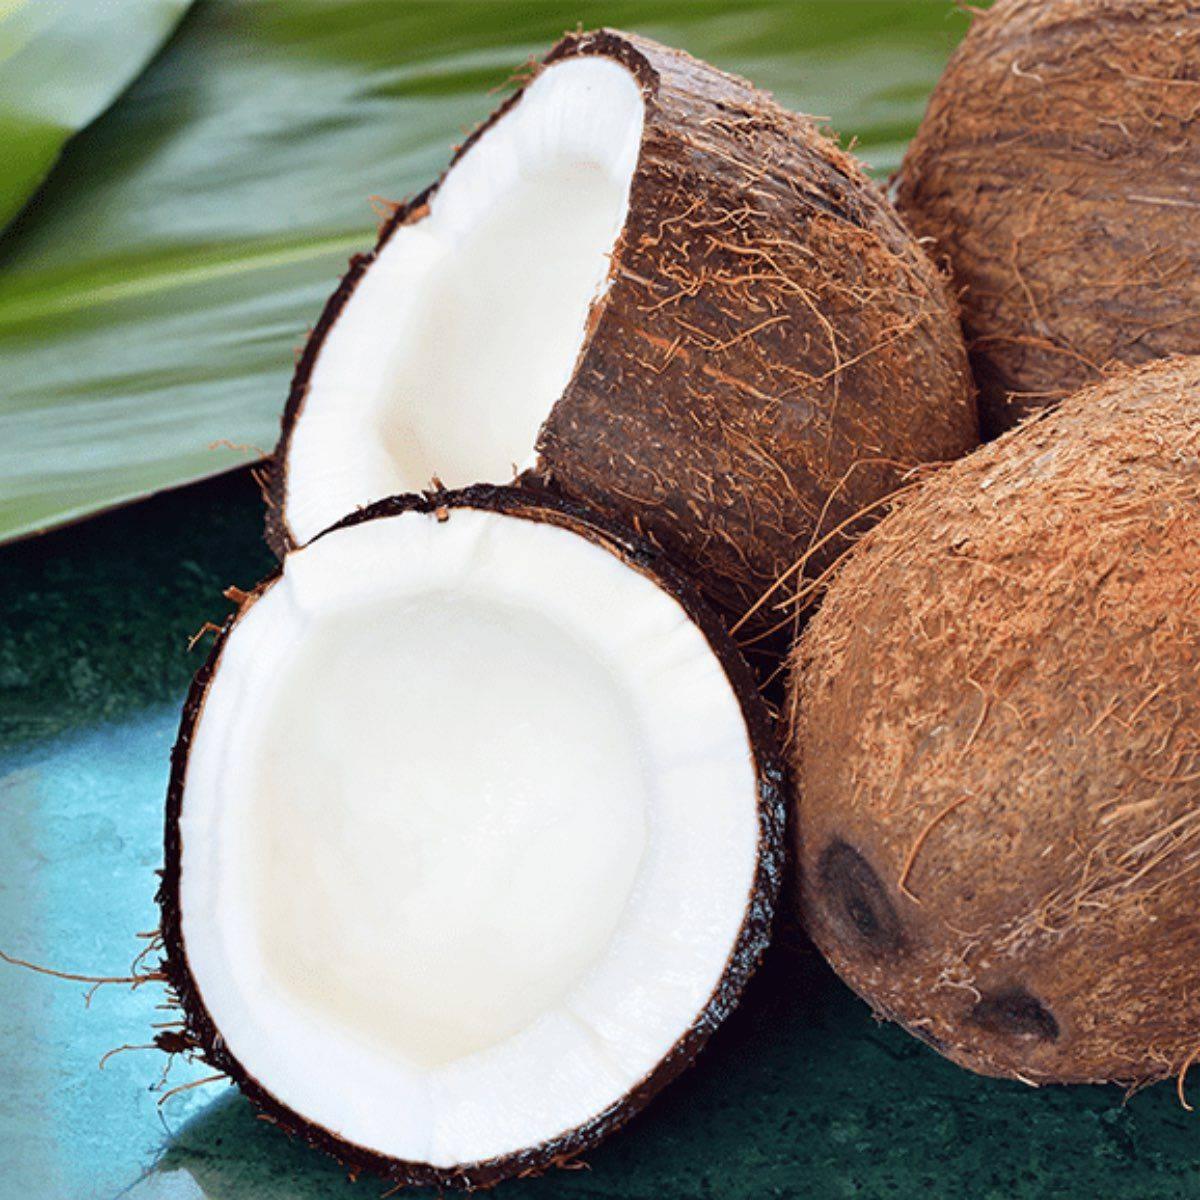 Сорта авокадо: черный «хасс» и зеленый - чем отличаются разные виды, к какому относятся «пинкертон» и красный